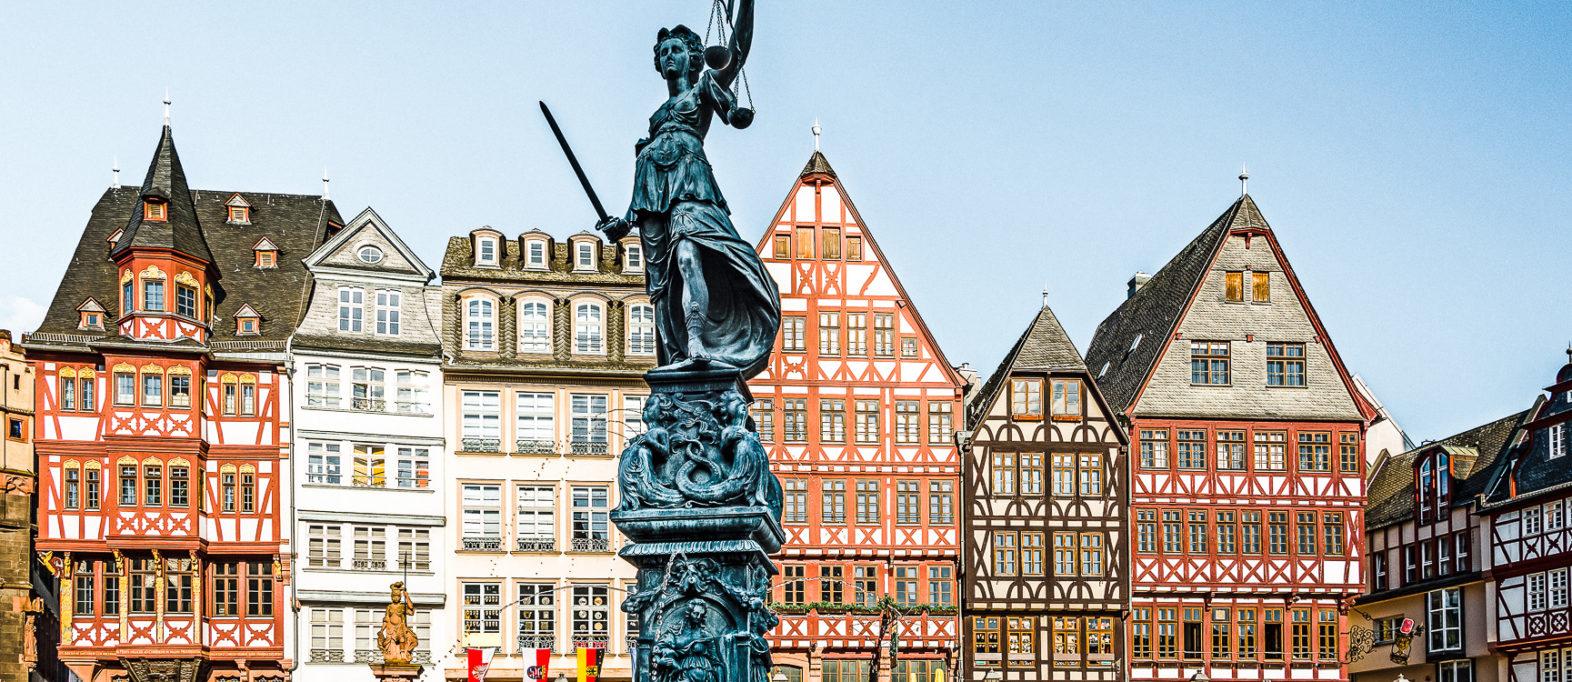 Frankfurt (Main): 15 Sehenswürdigkeiten und schöne Orte, die du ansehen solltest